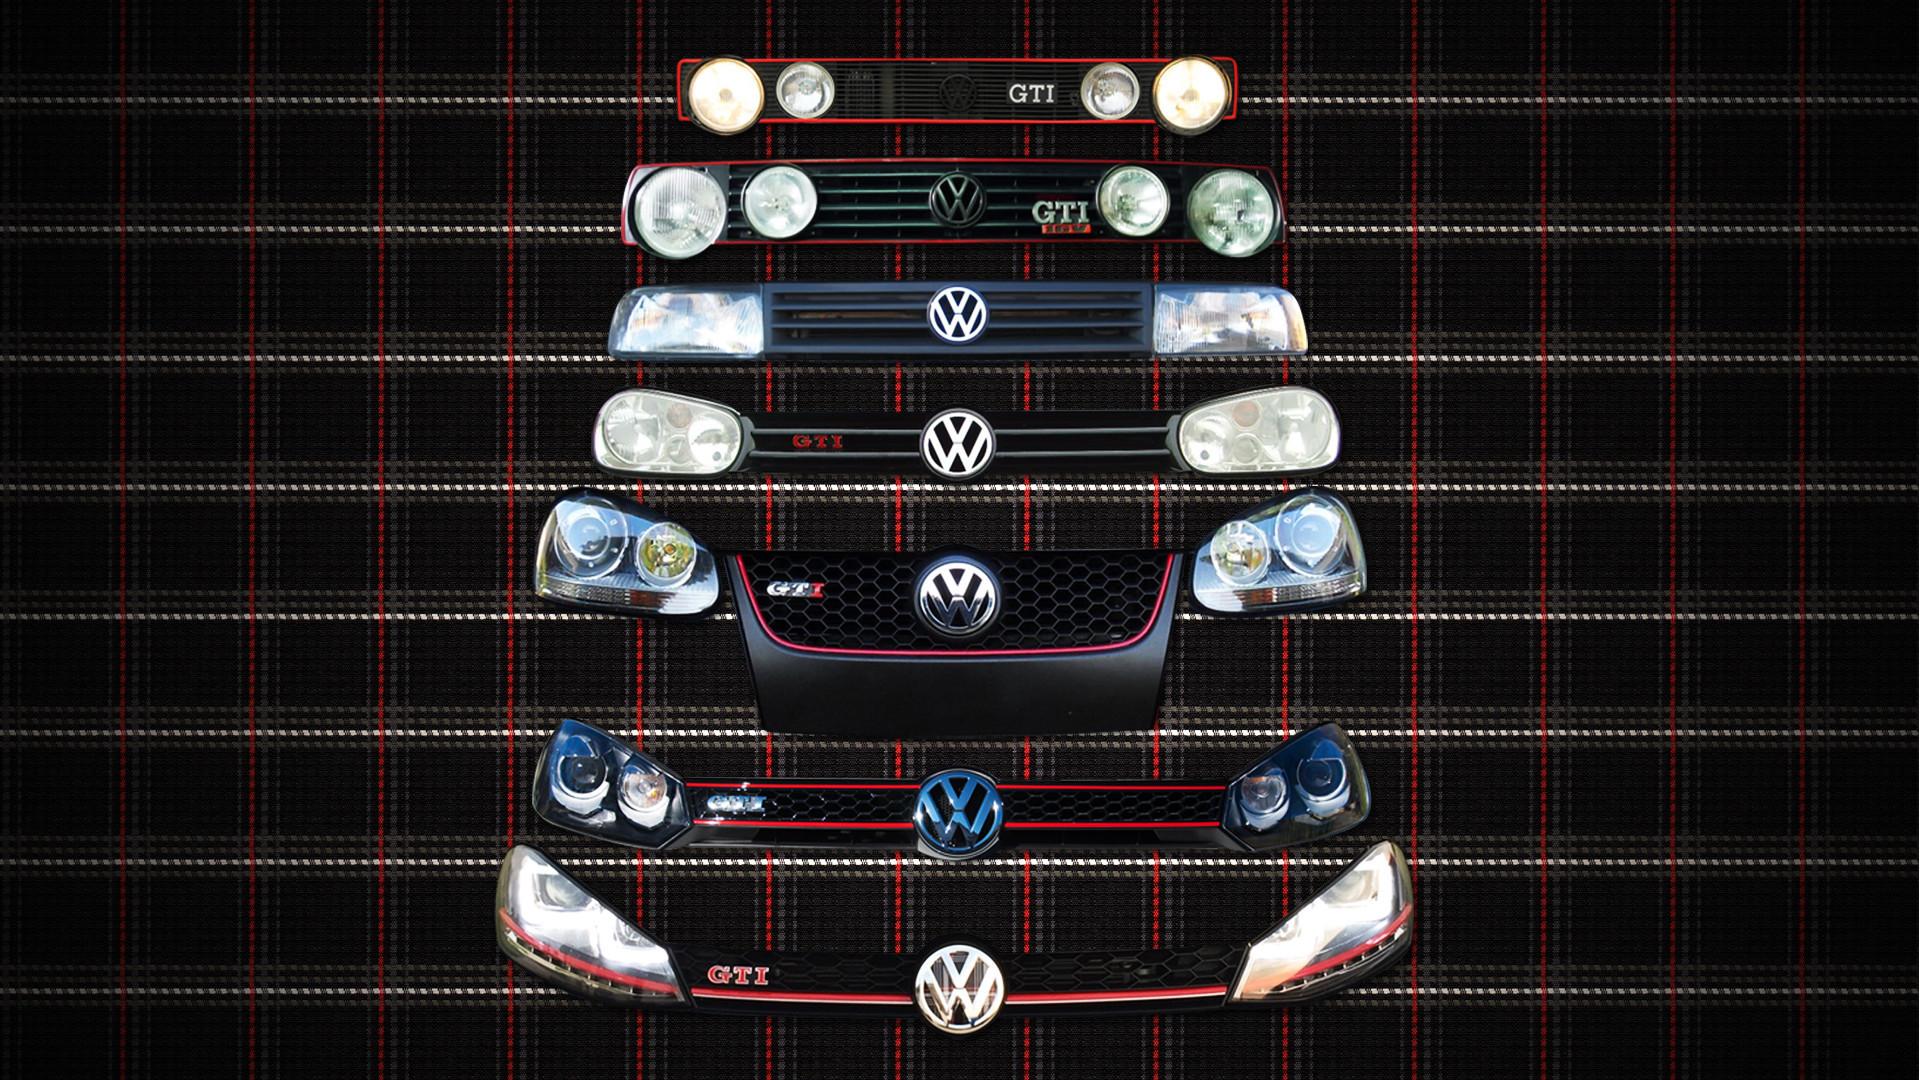 Res: 1920x1080, 1920x1200 Volkswagen GTI Wallpaper 42979